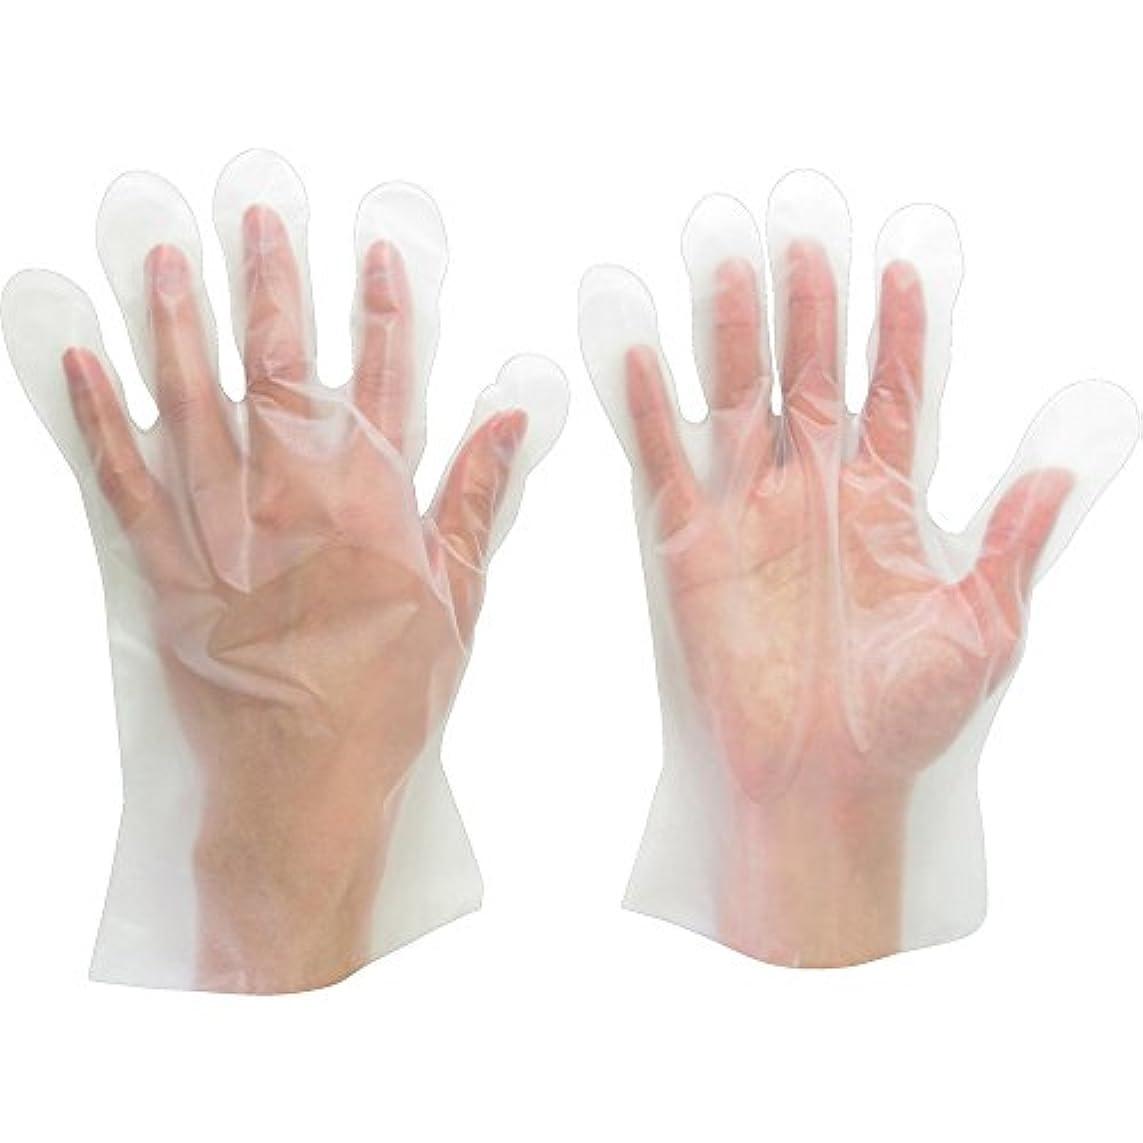 和解するアドバイス部分的にミドリ安全 ポリエチレンディスポ手袋 ベルテ573 100枚 袋入 SS VERTE-573-SS ポリエチレン使い捨て手袋